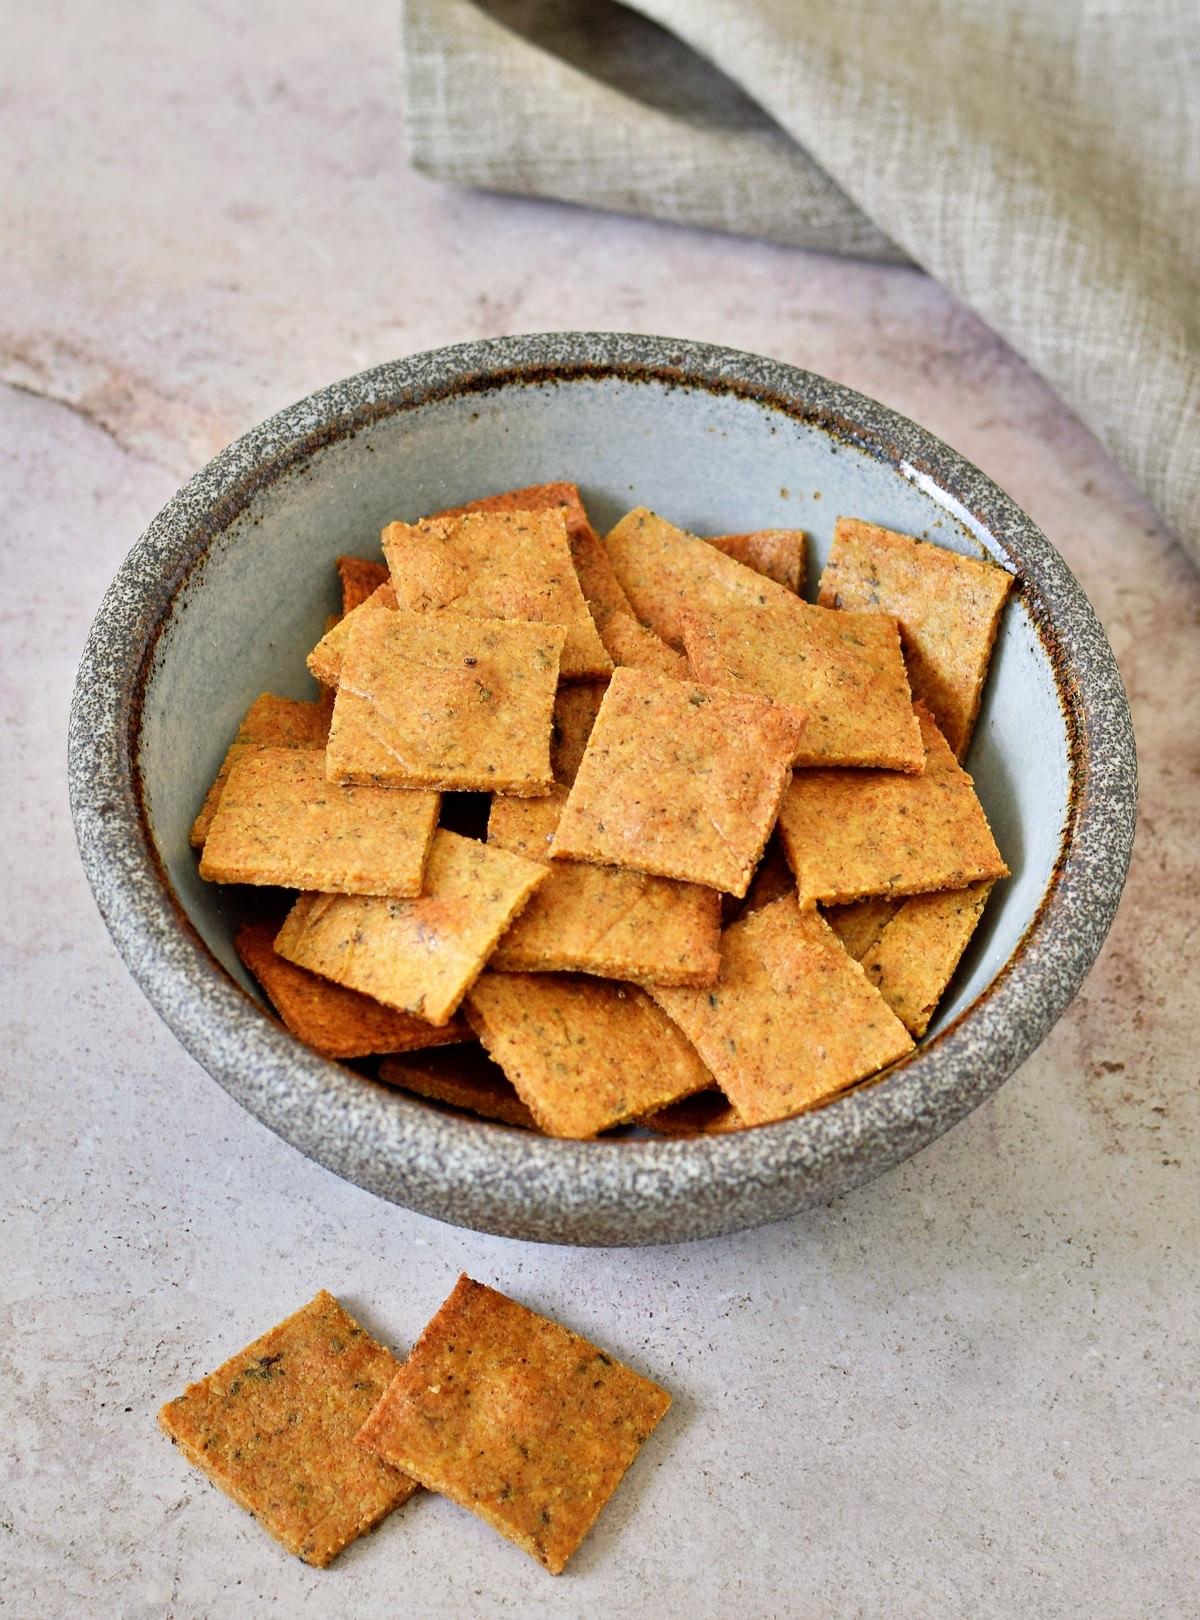 vegan keto crackers in a bowl